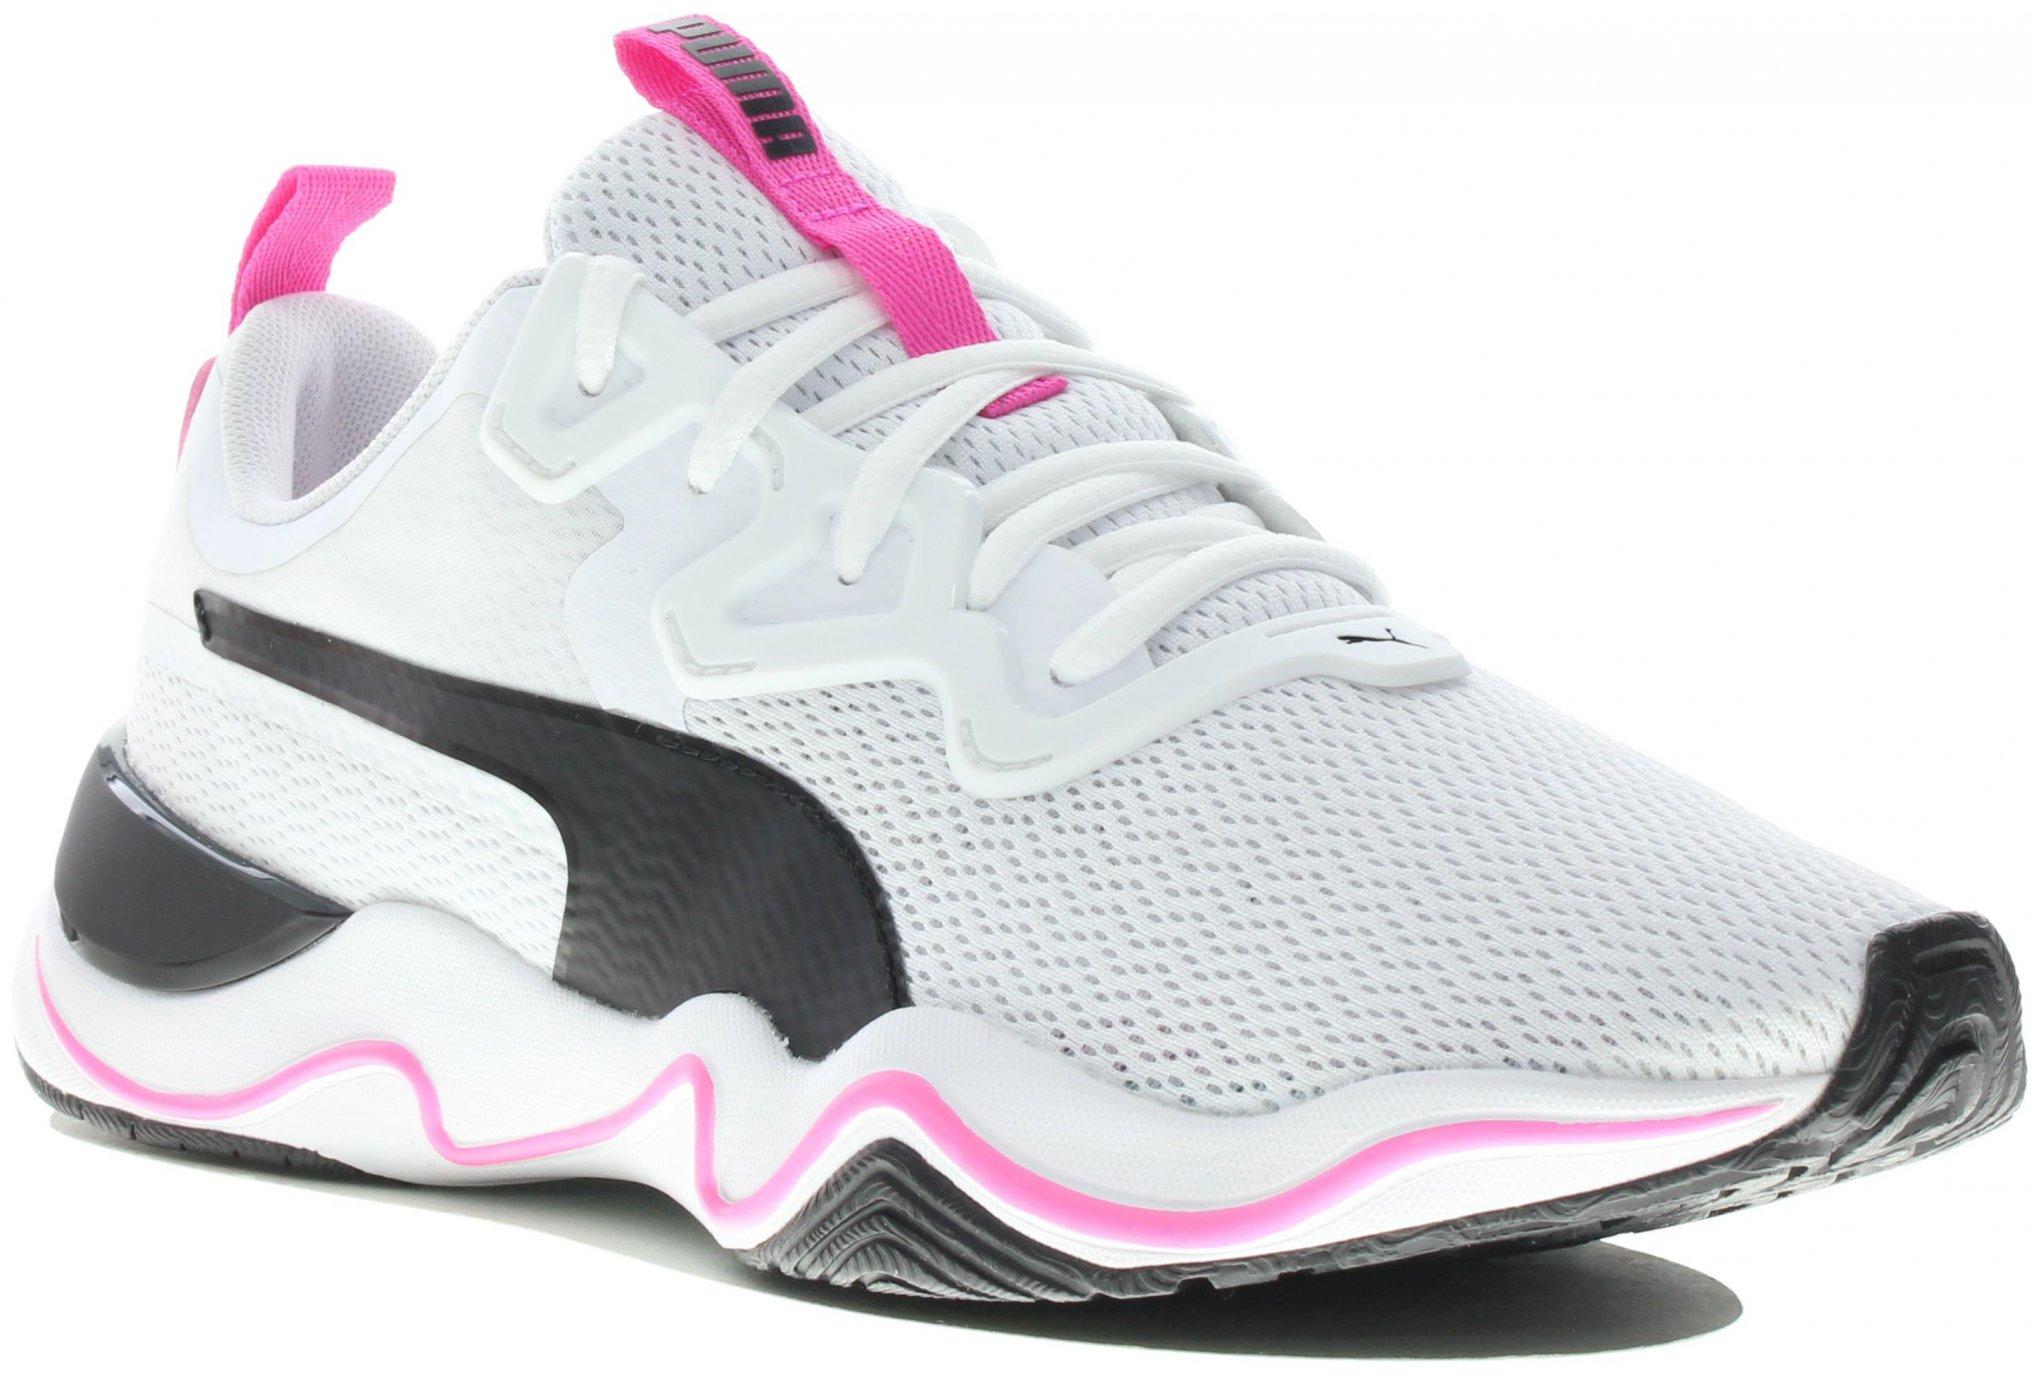 Puma Zone XT W Diététique Chaussures femme